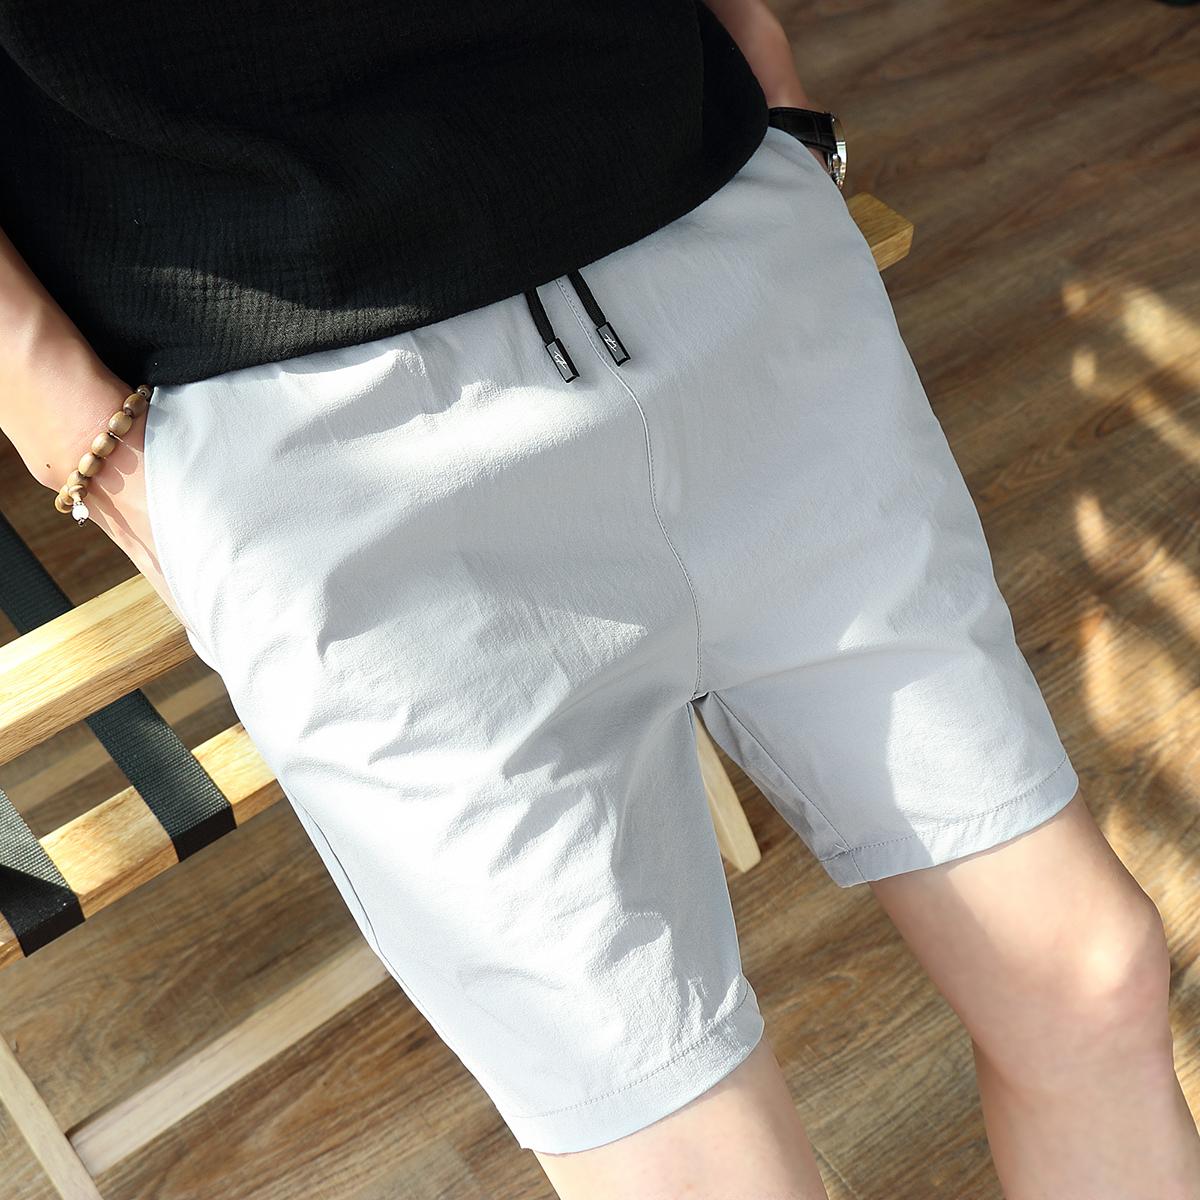 LES帅T林弯弯纯色休闲短裤男修身速干五分裤薄日系XS码26小码男裤